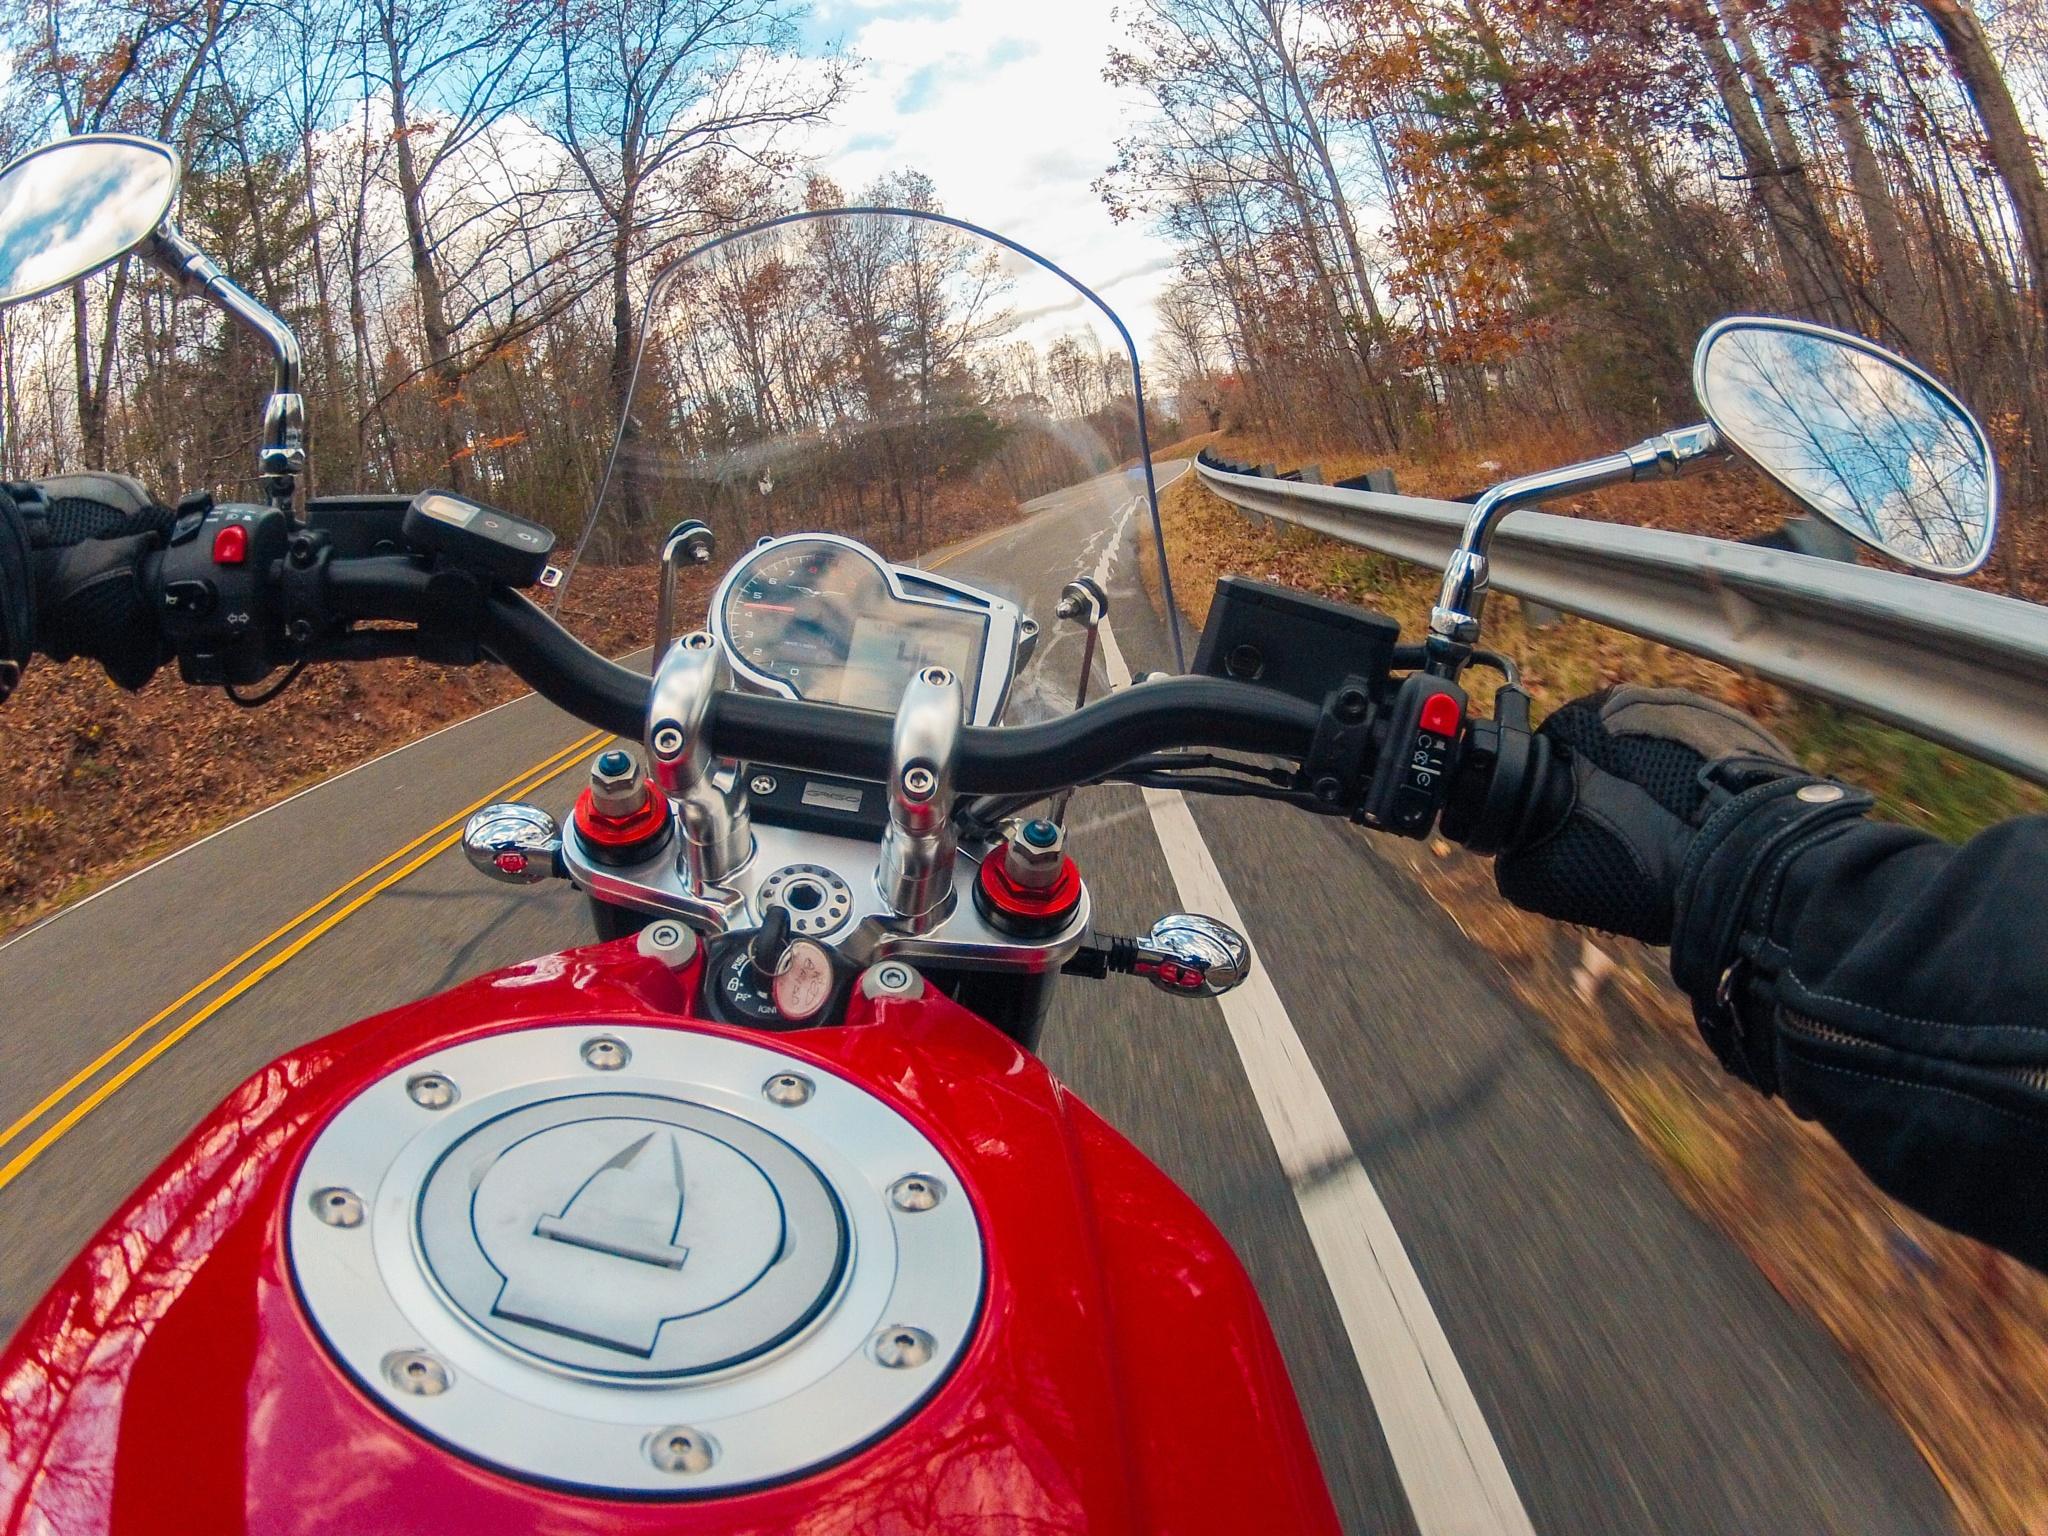 Moto Guzzi Griso by Multistrada